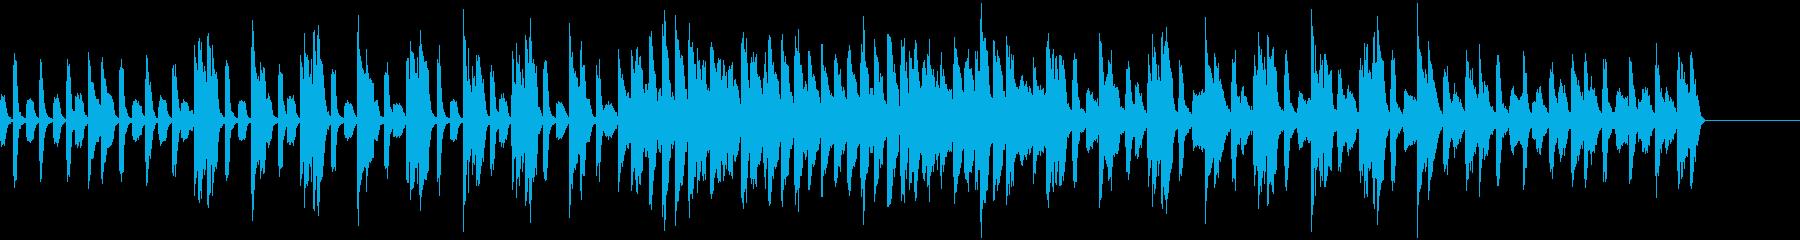 ほのぼのした子供をイメージしたBGMの再生済みの波形